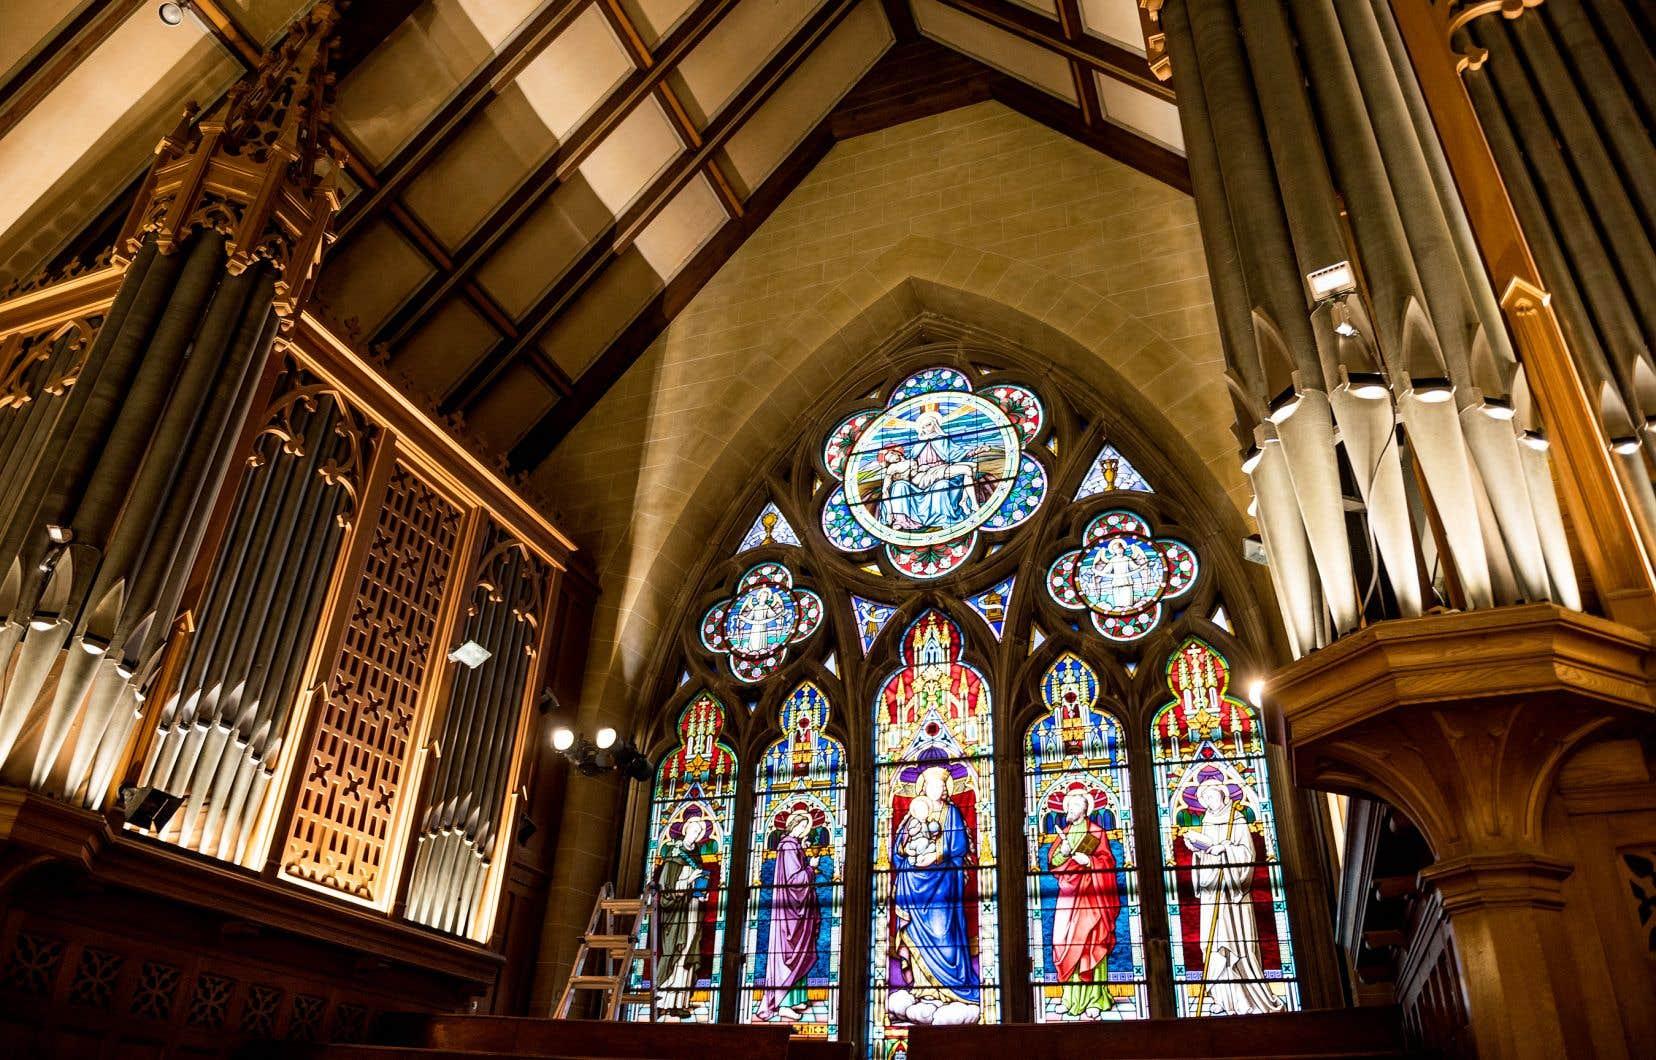 Vue de l'intérieur du Musée des métiers d'arts du Québec, qui se cache dans une ancienne église de l'avenue Sainte-Croix, dans le Vieux-Saint-Laurent.